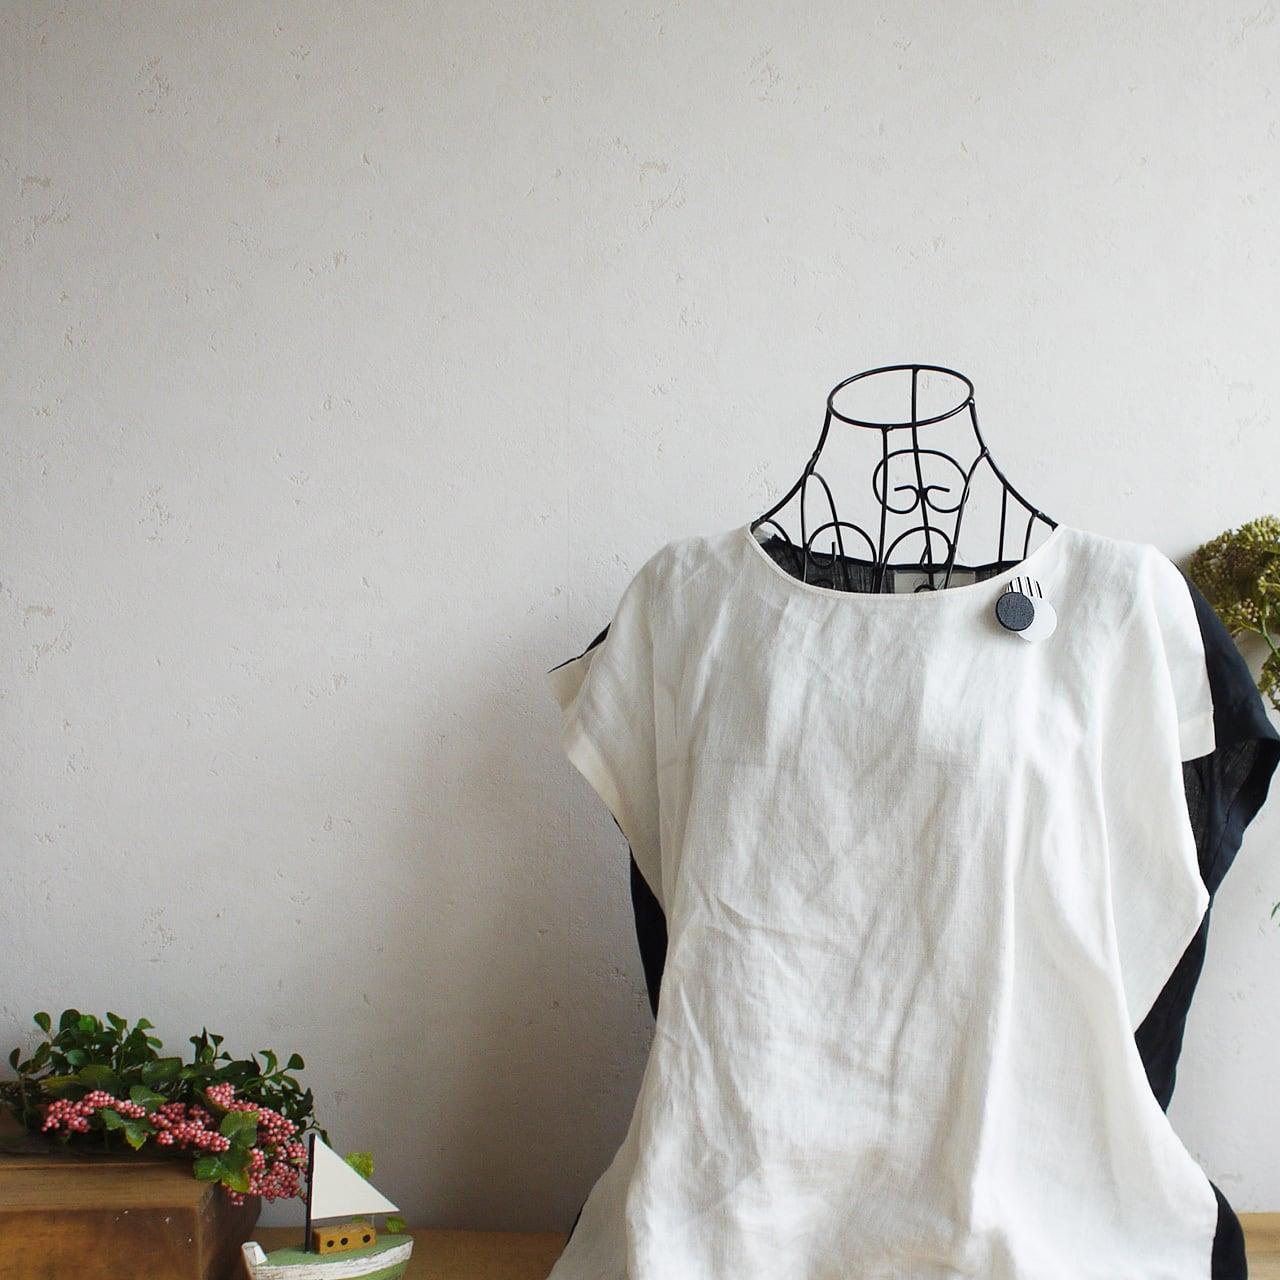 どんなお洋服にも似合う!シンプルフォルム 漆染め麻&アクリルのブローチ〈 Dots 〉Shima